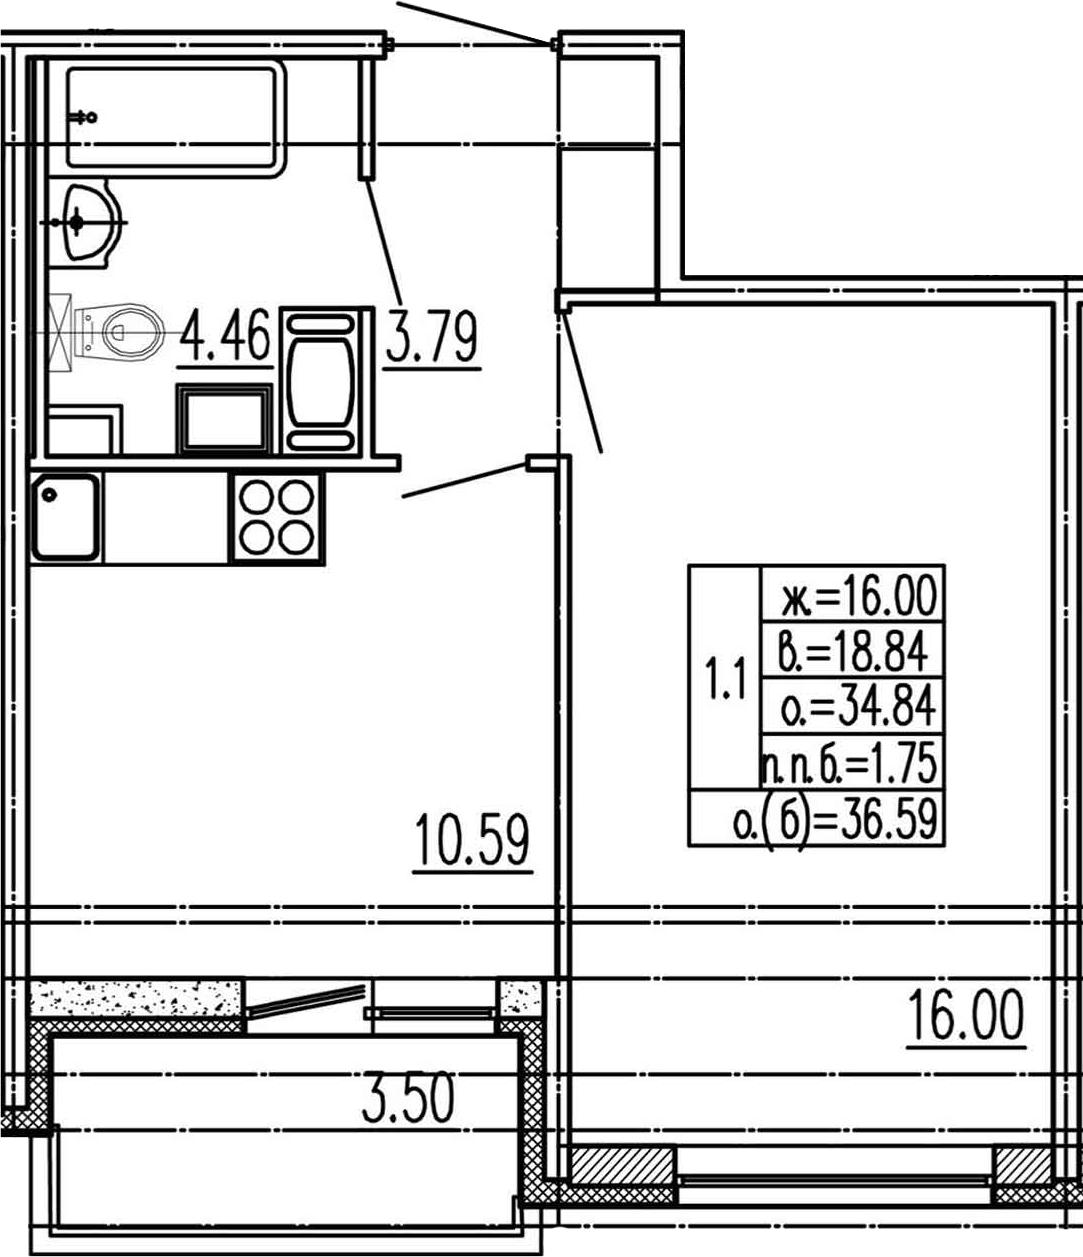 1-комнатная, 34.84 м²– 2